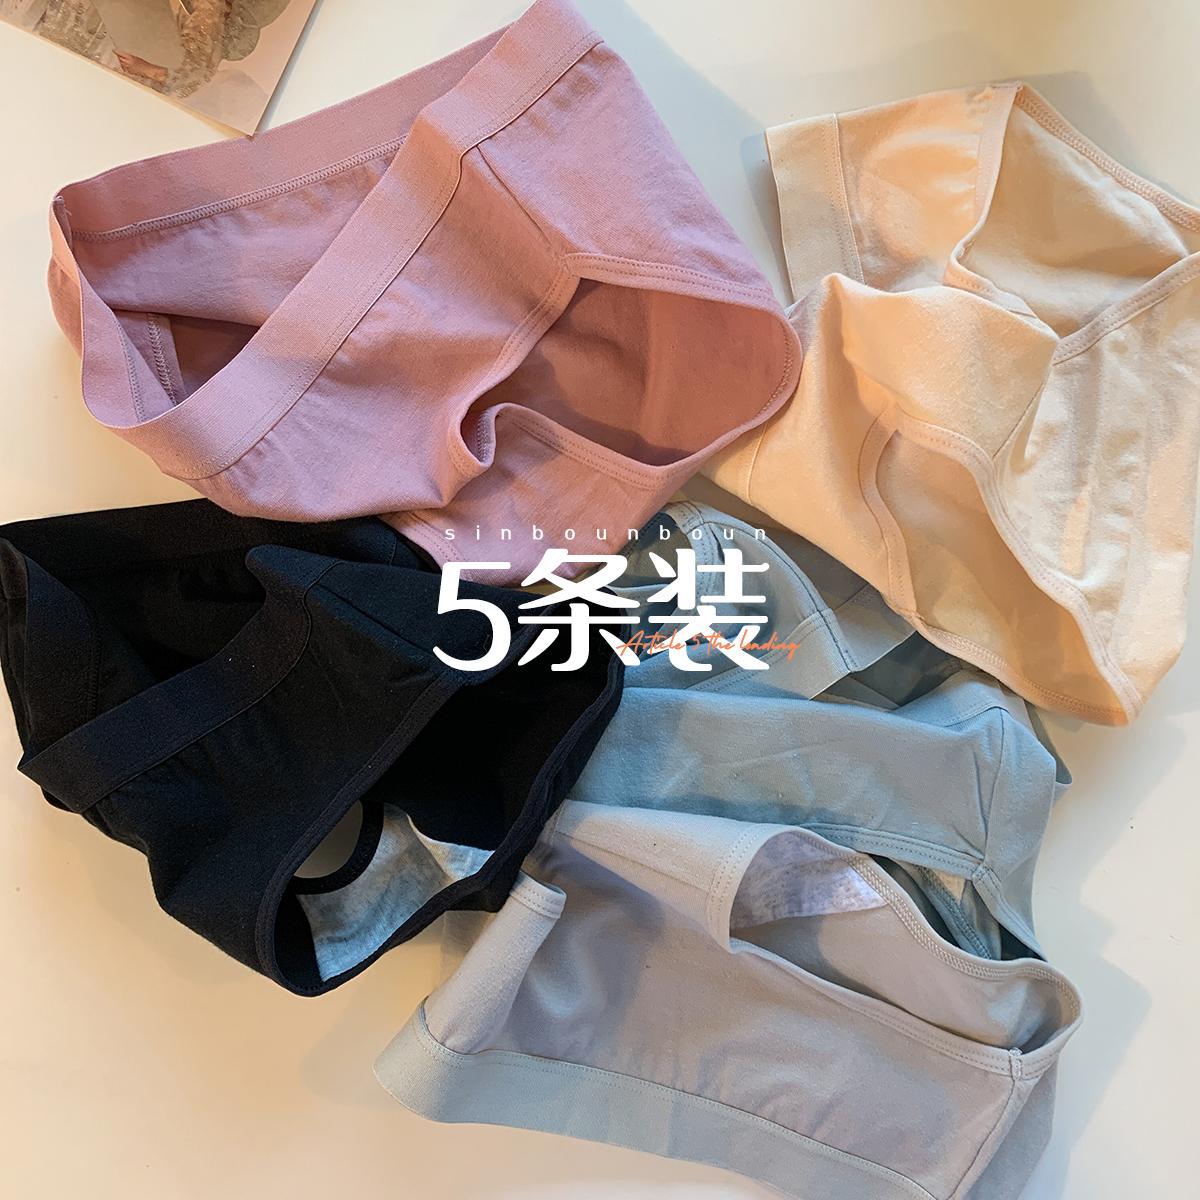 馨帮帮Bra5条装日系简约纯色学生内裤透气纯棉中腰弹力三角底裤女